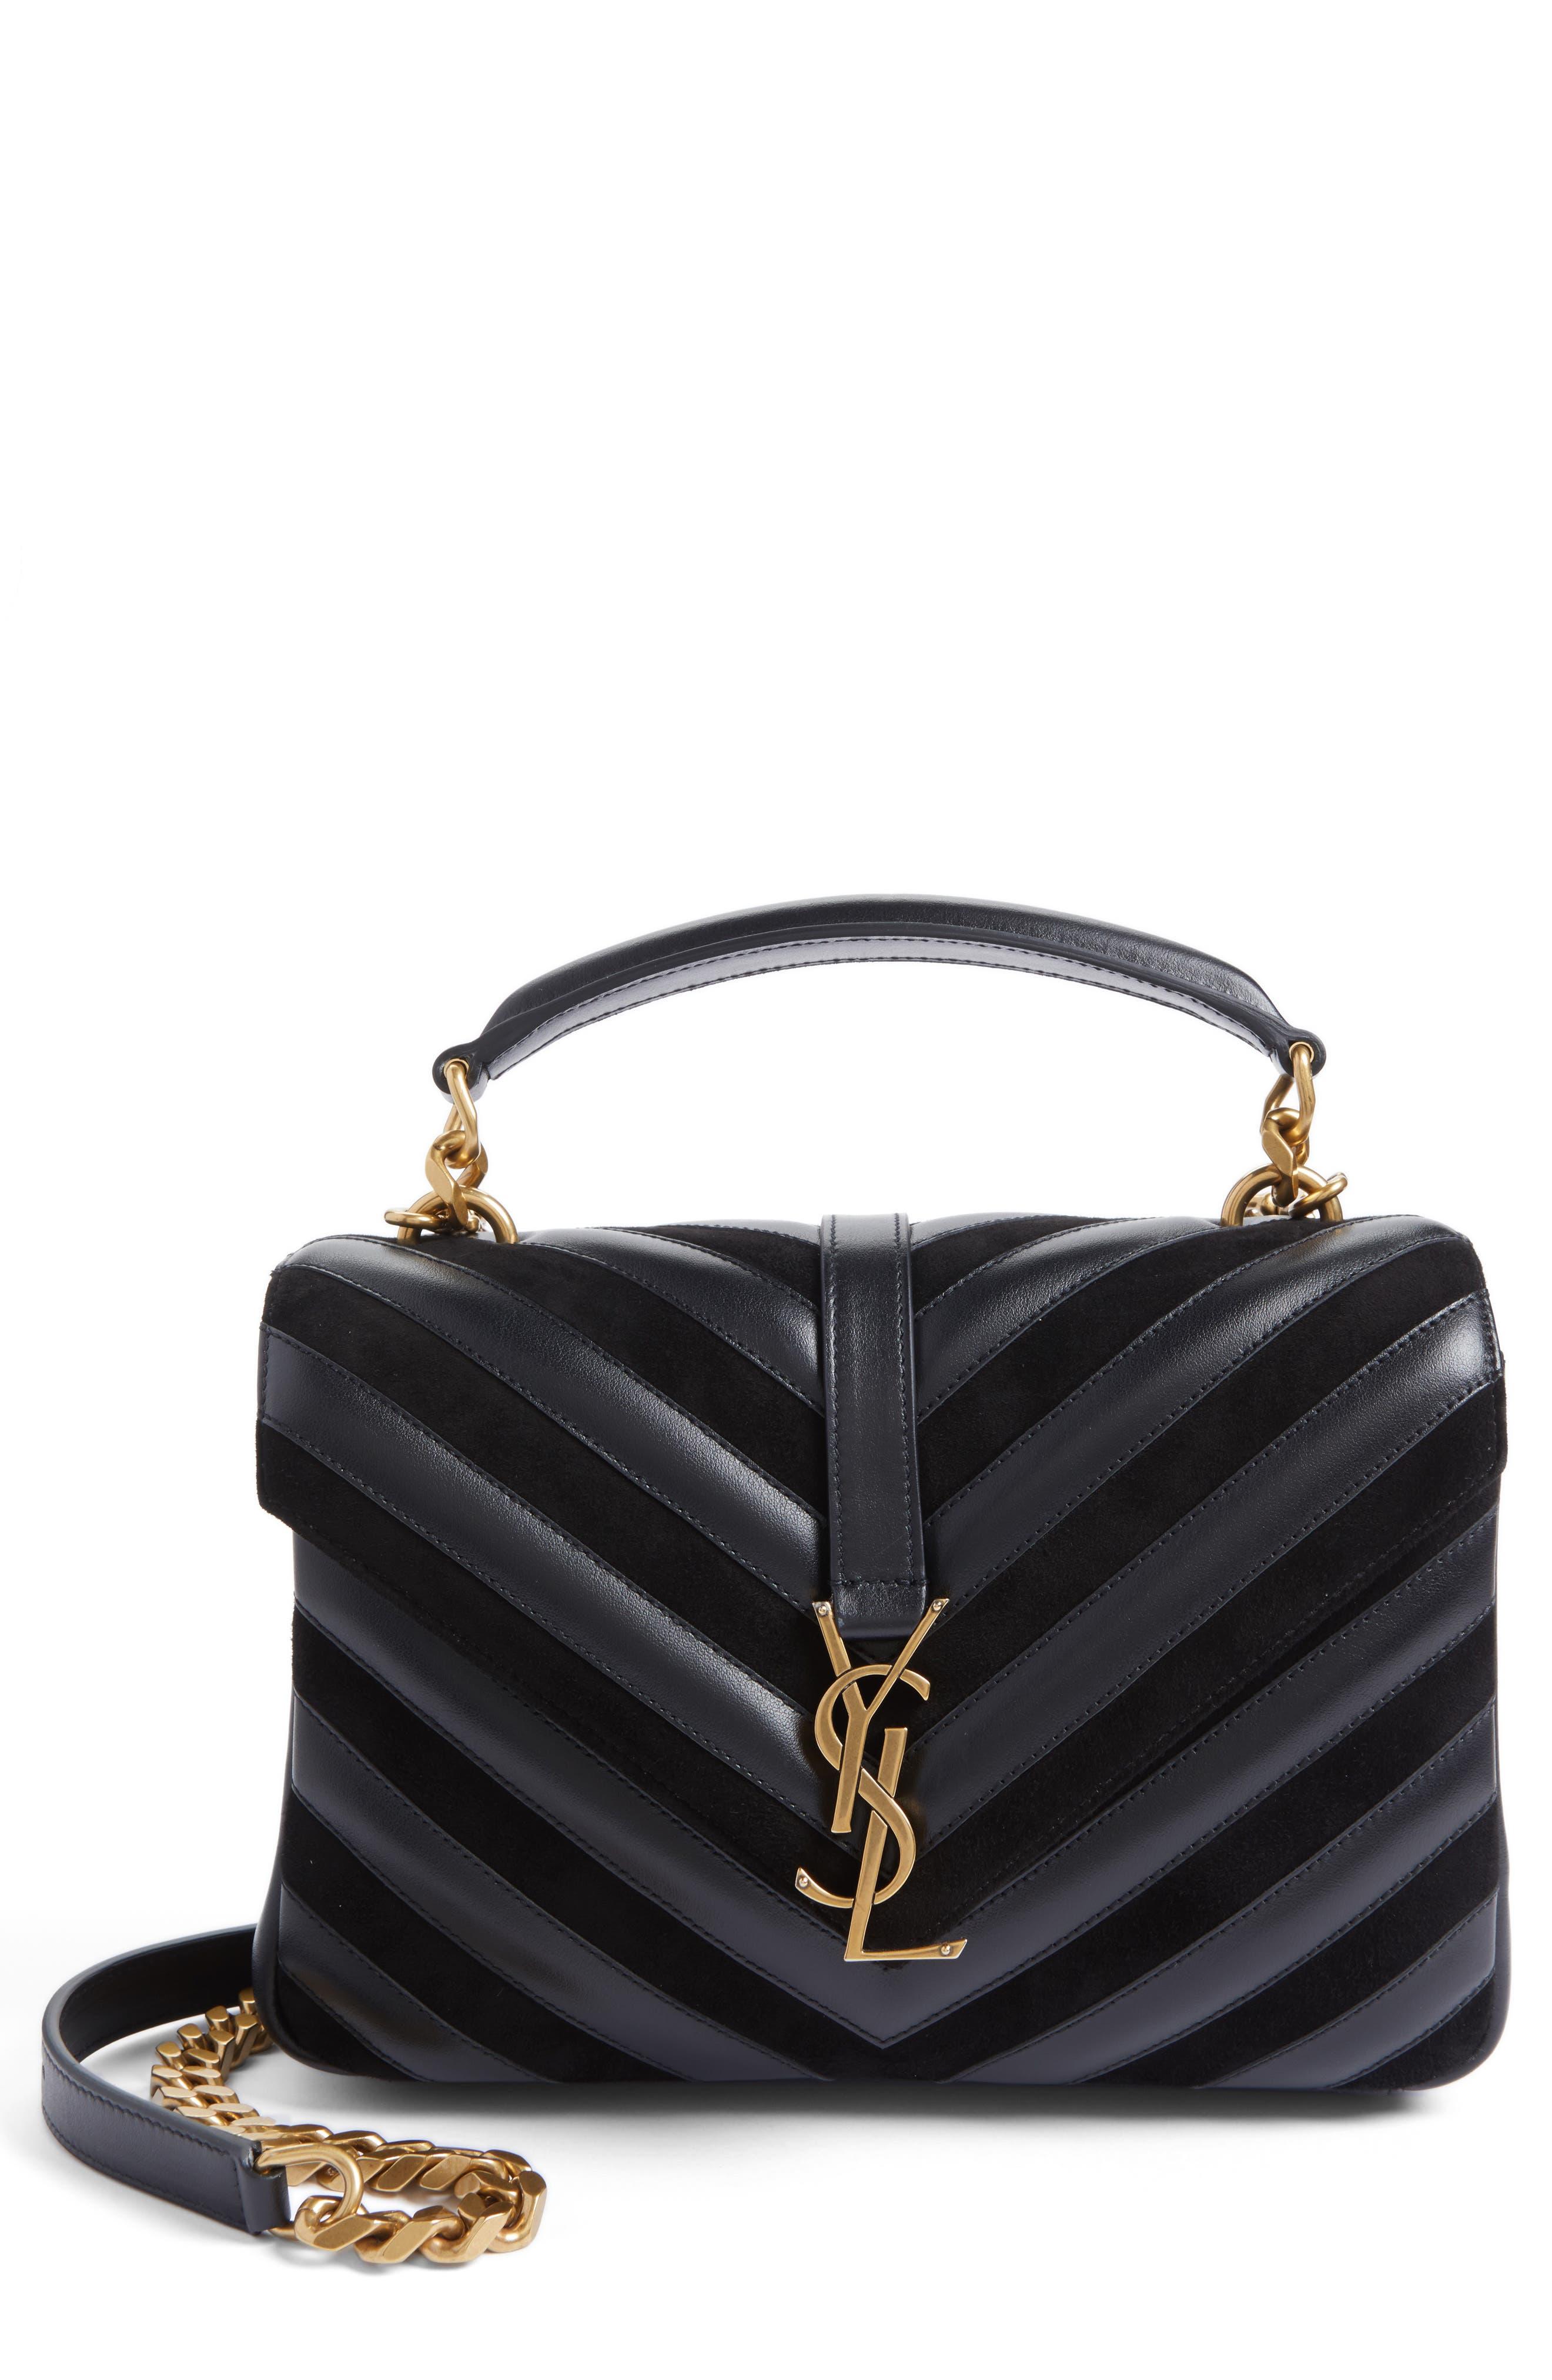 Medium College Patchwork Suede & Leather Shoulder Bag,                         Main,                         color, 001